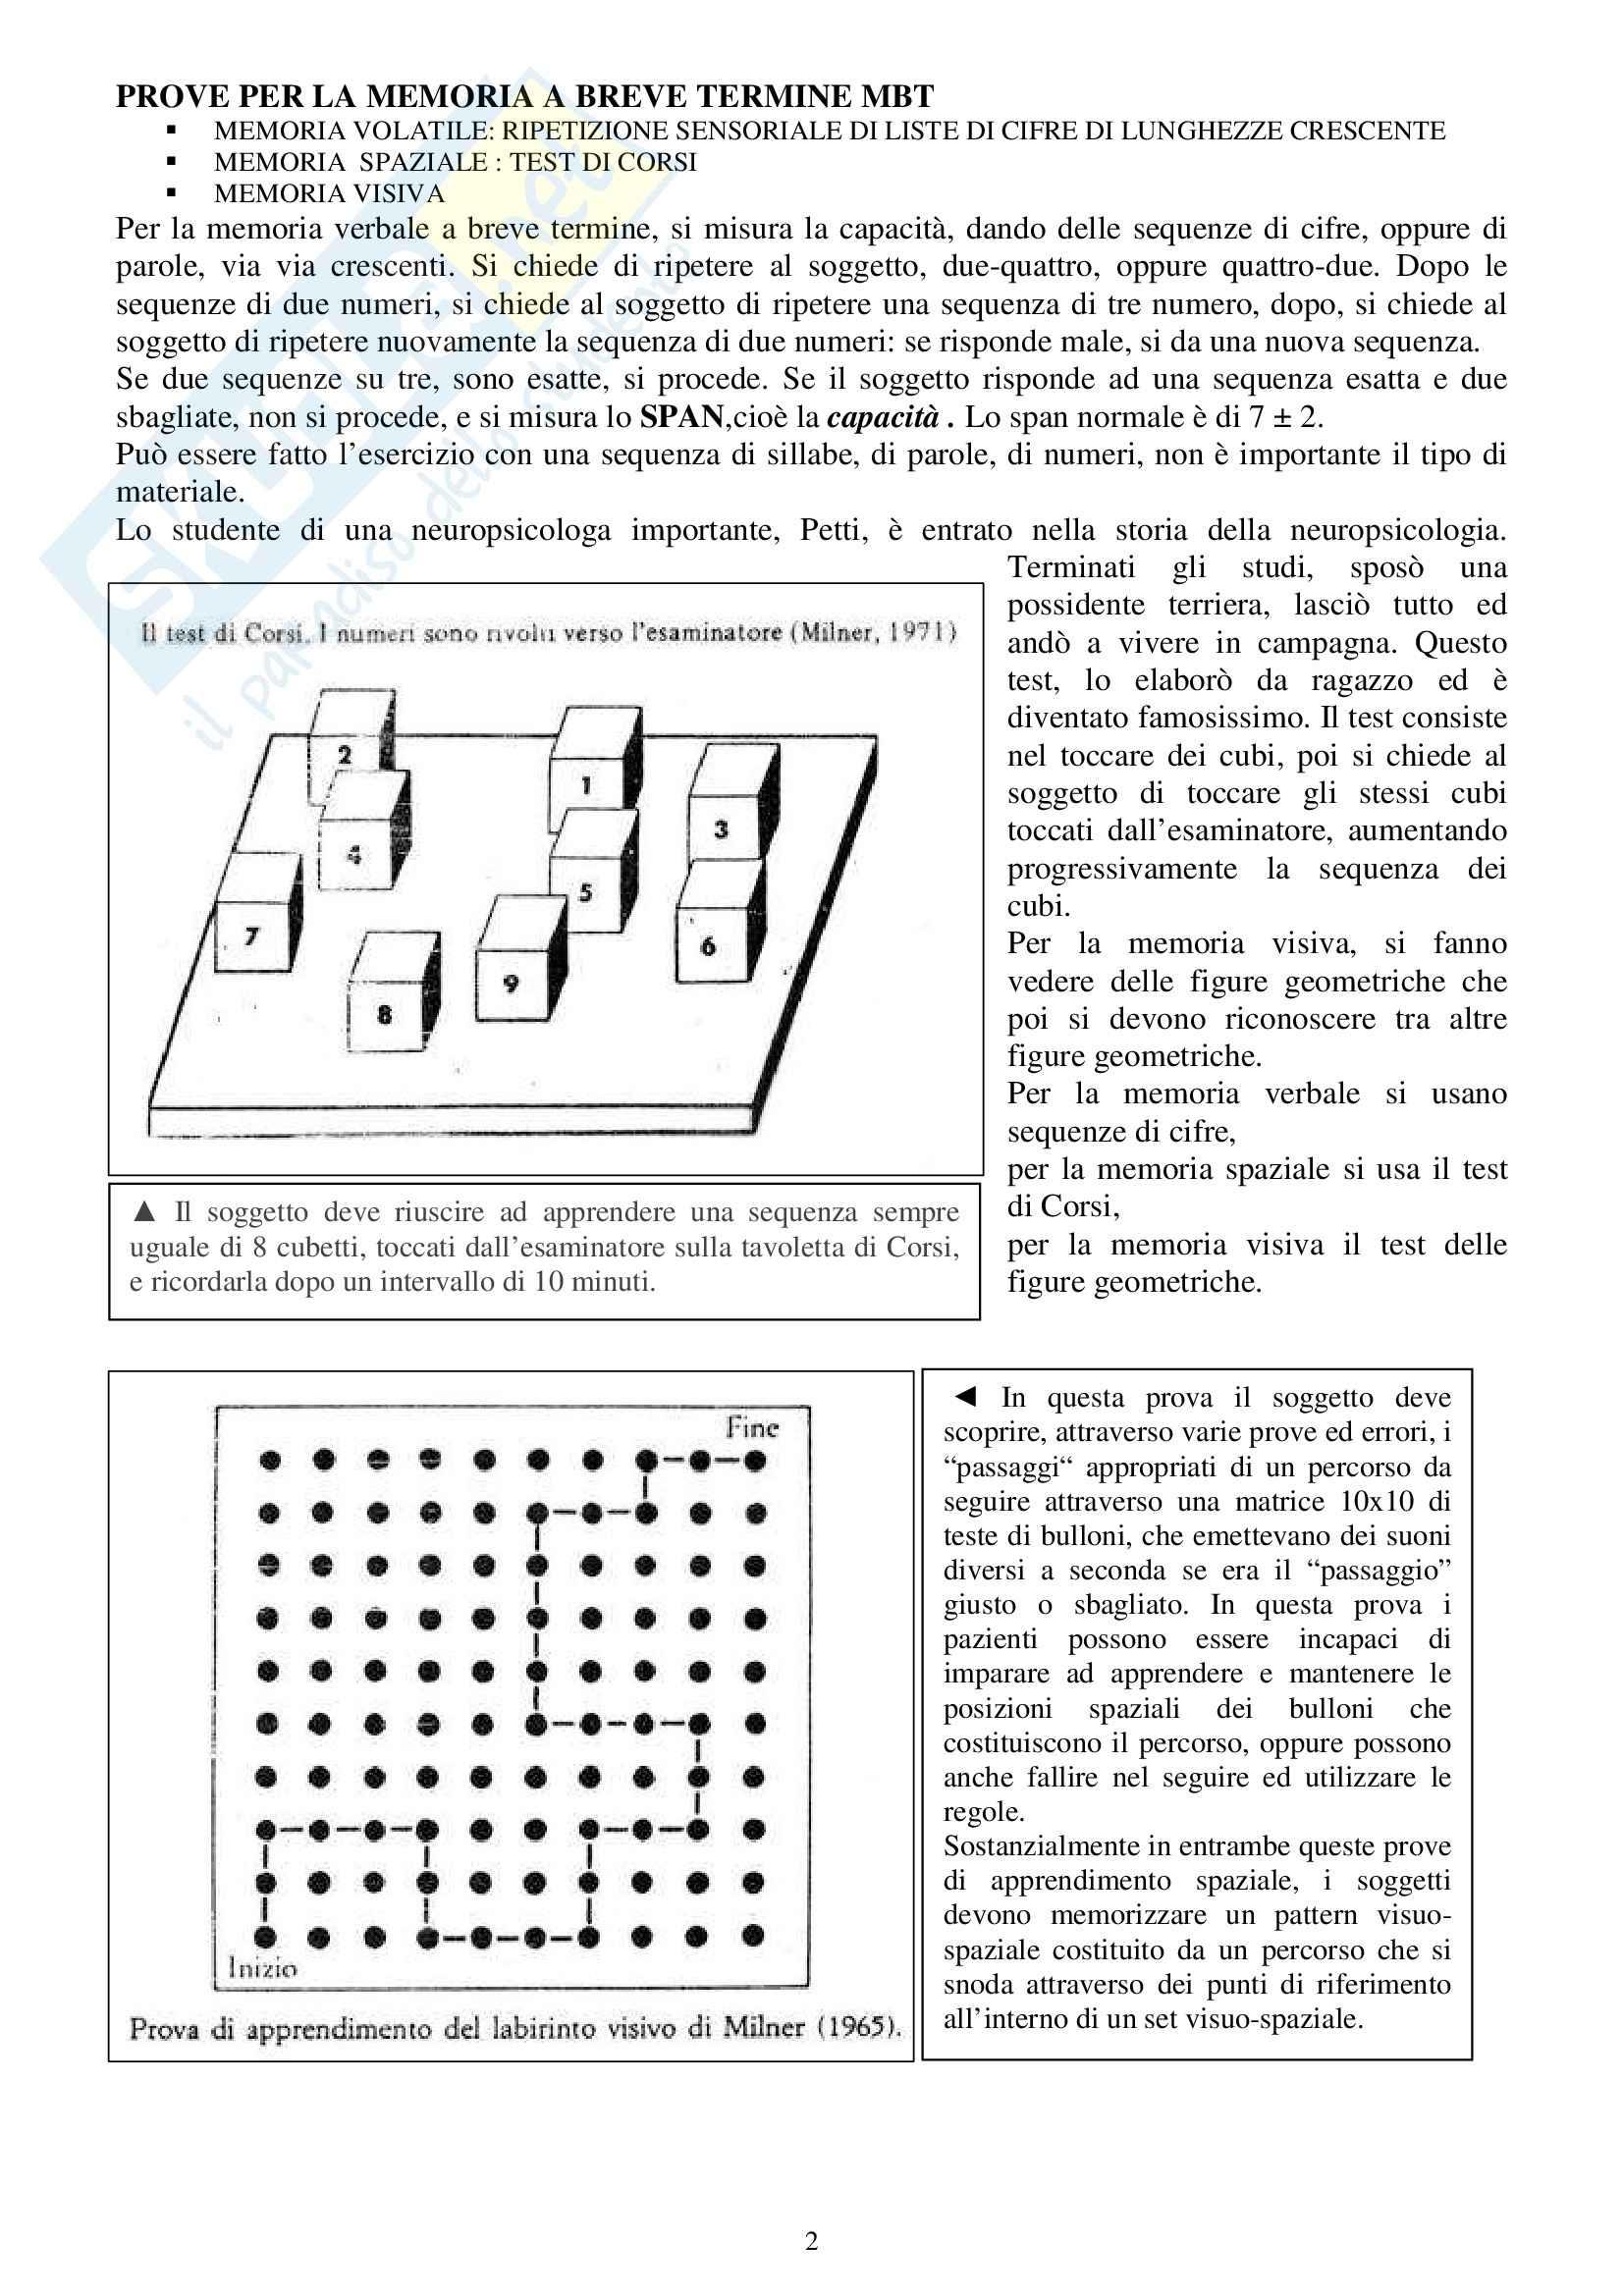 Fisiologia e biofisica - la memoria Pag. 2